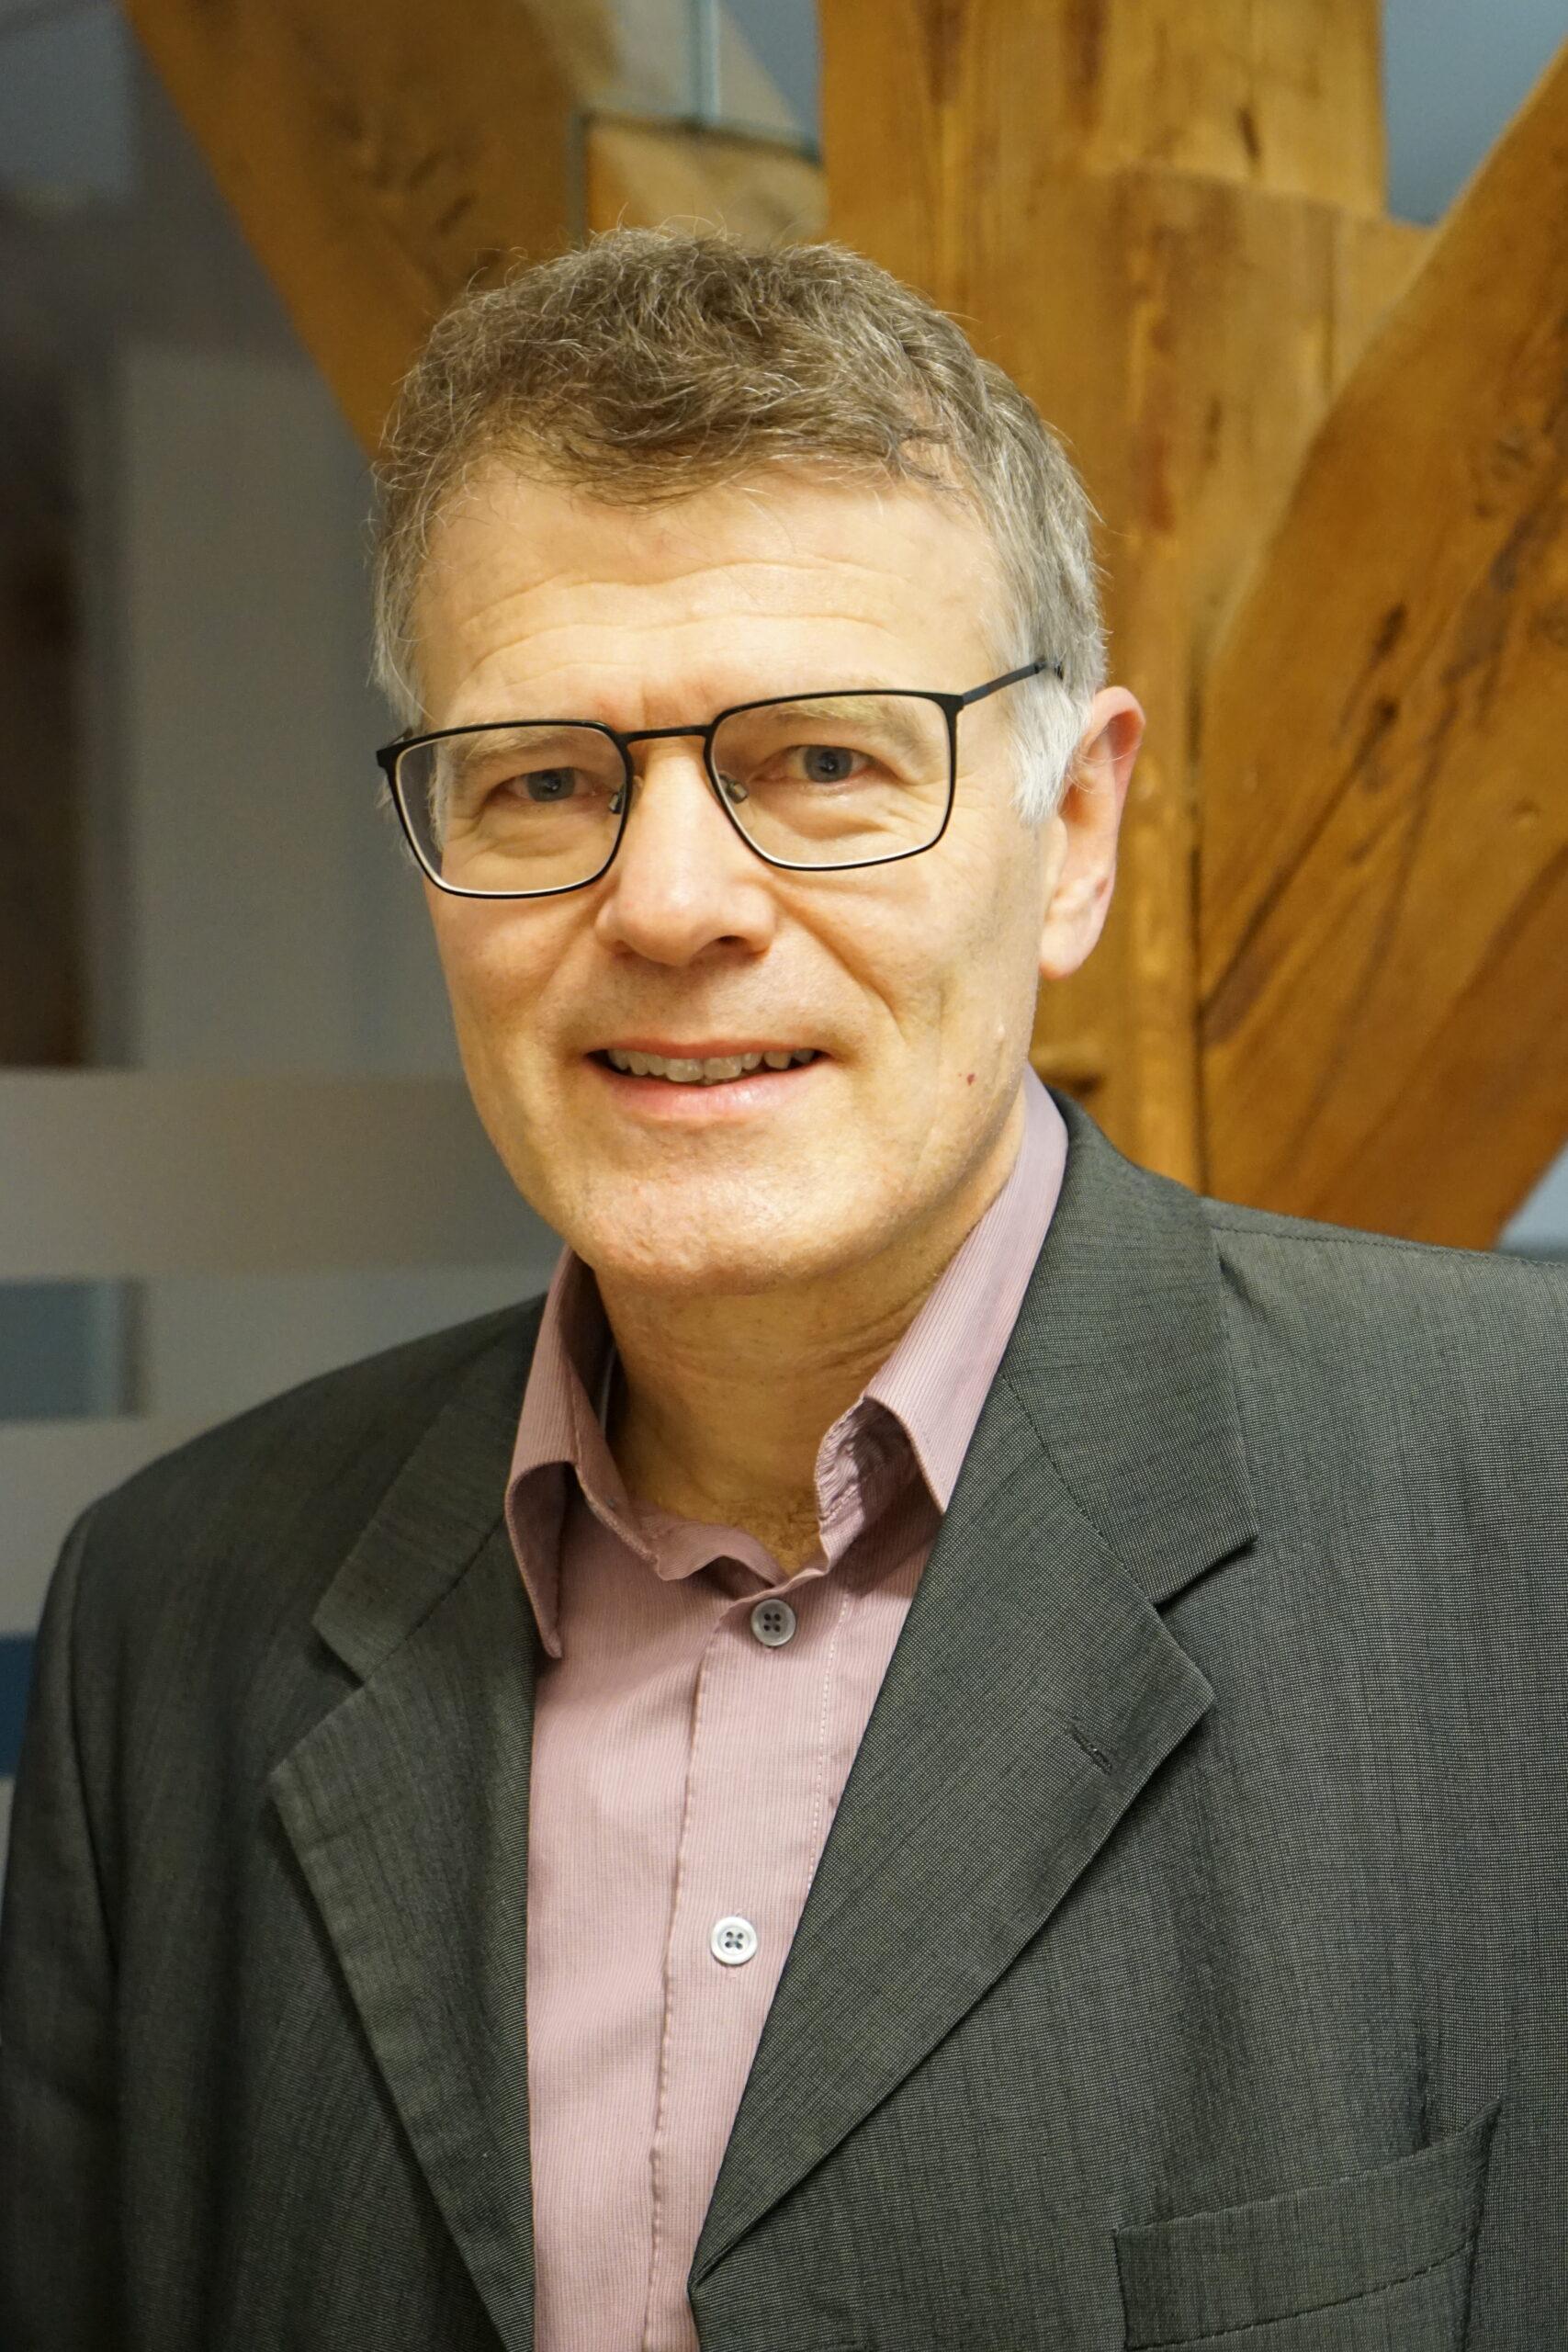 Robert Schober